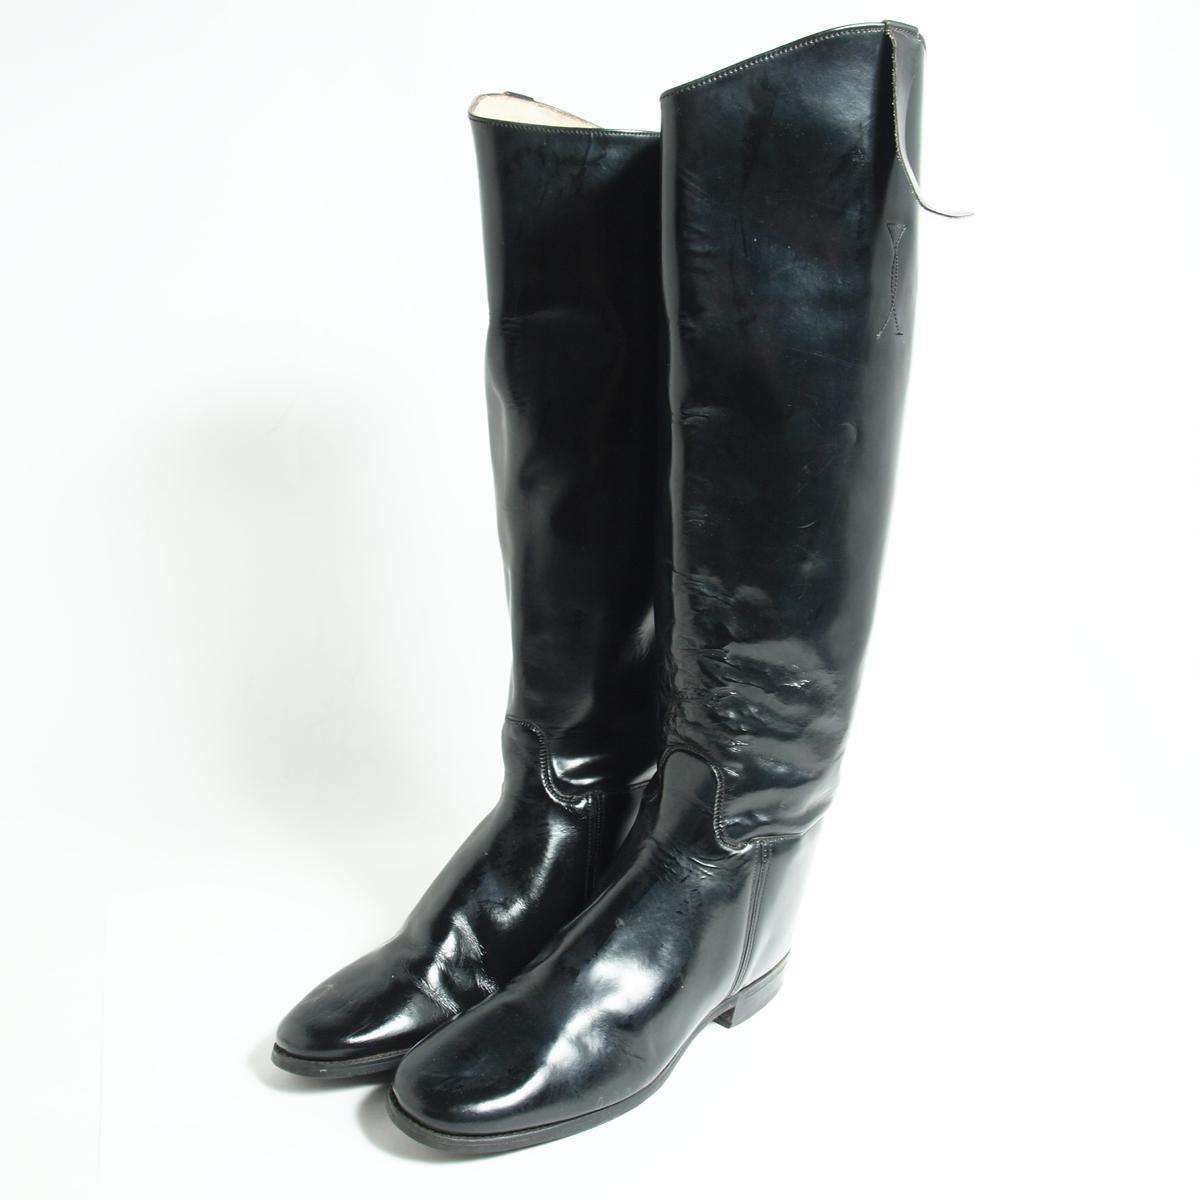 IMPERIAL 英国製 ジョッキー乗馬ブーツ 7 メンズ25.0cm marlborough /bok2588 【中古】 【170207】【US1803-1】【SS1806】